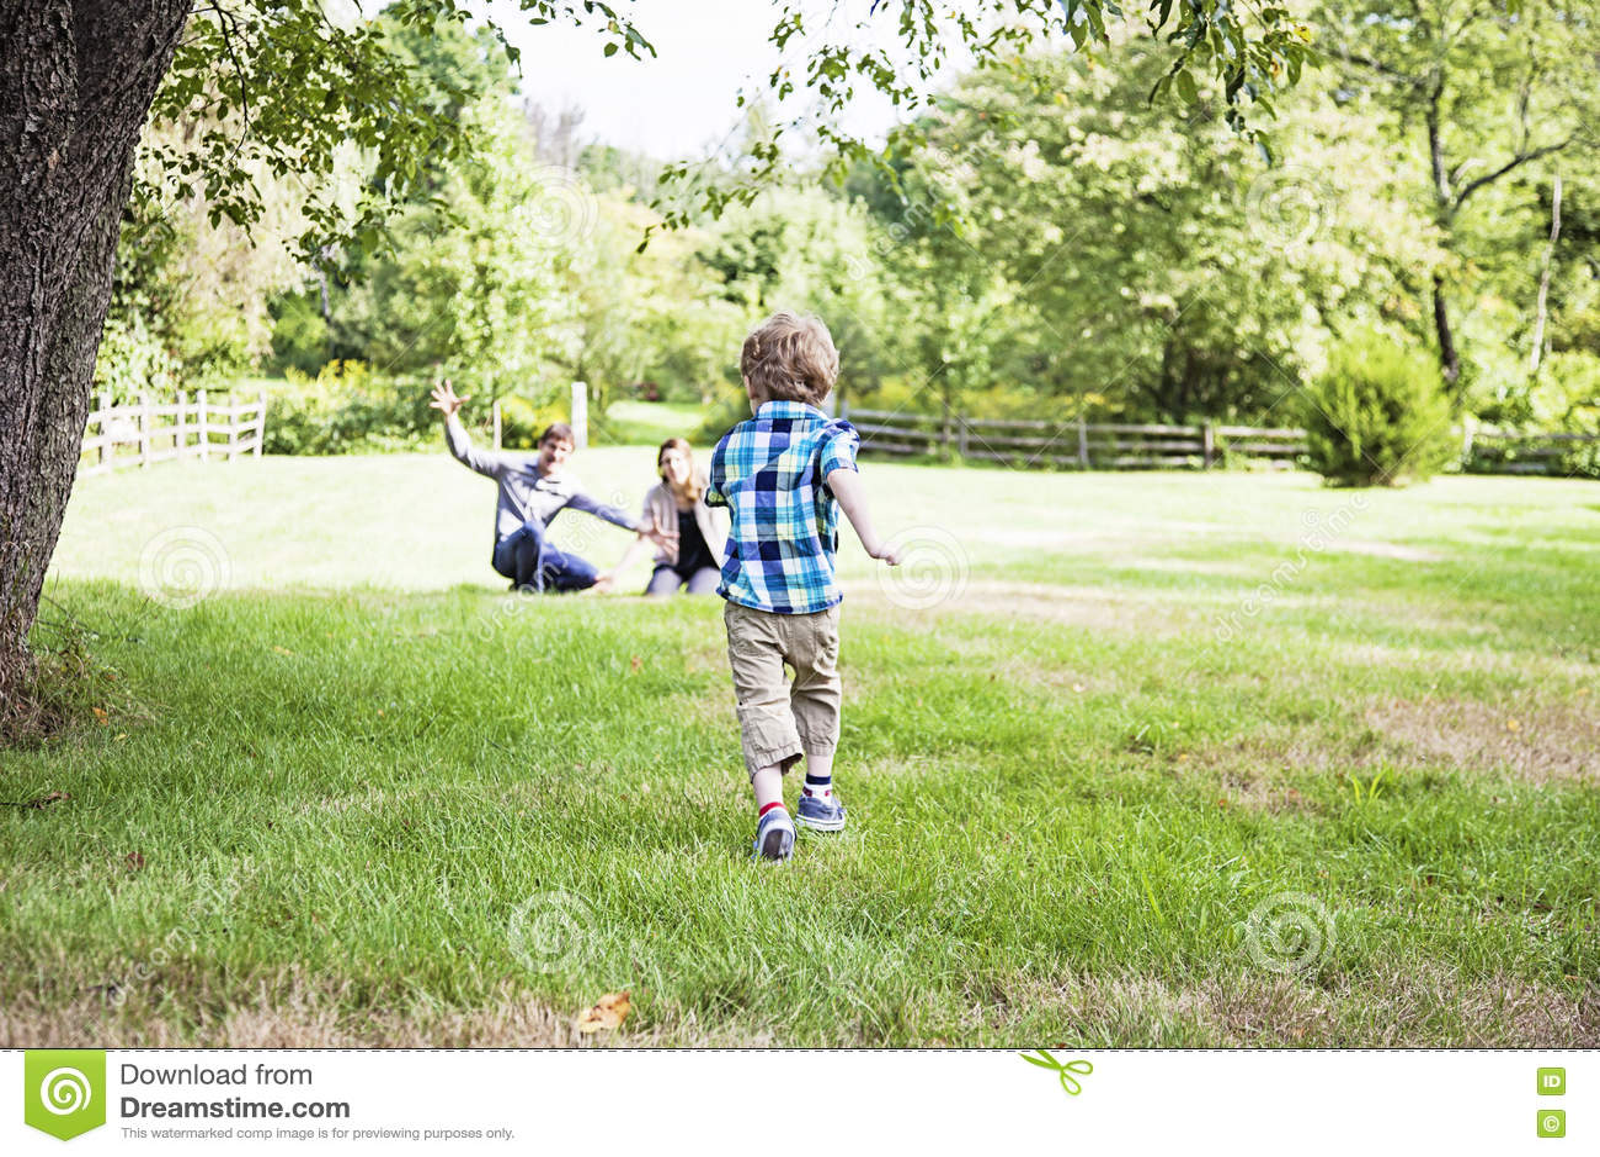 Chłopiec bieg rodzice